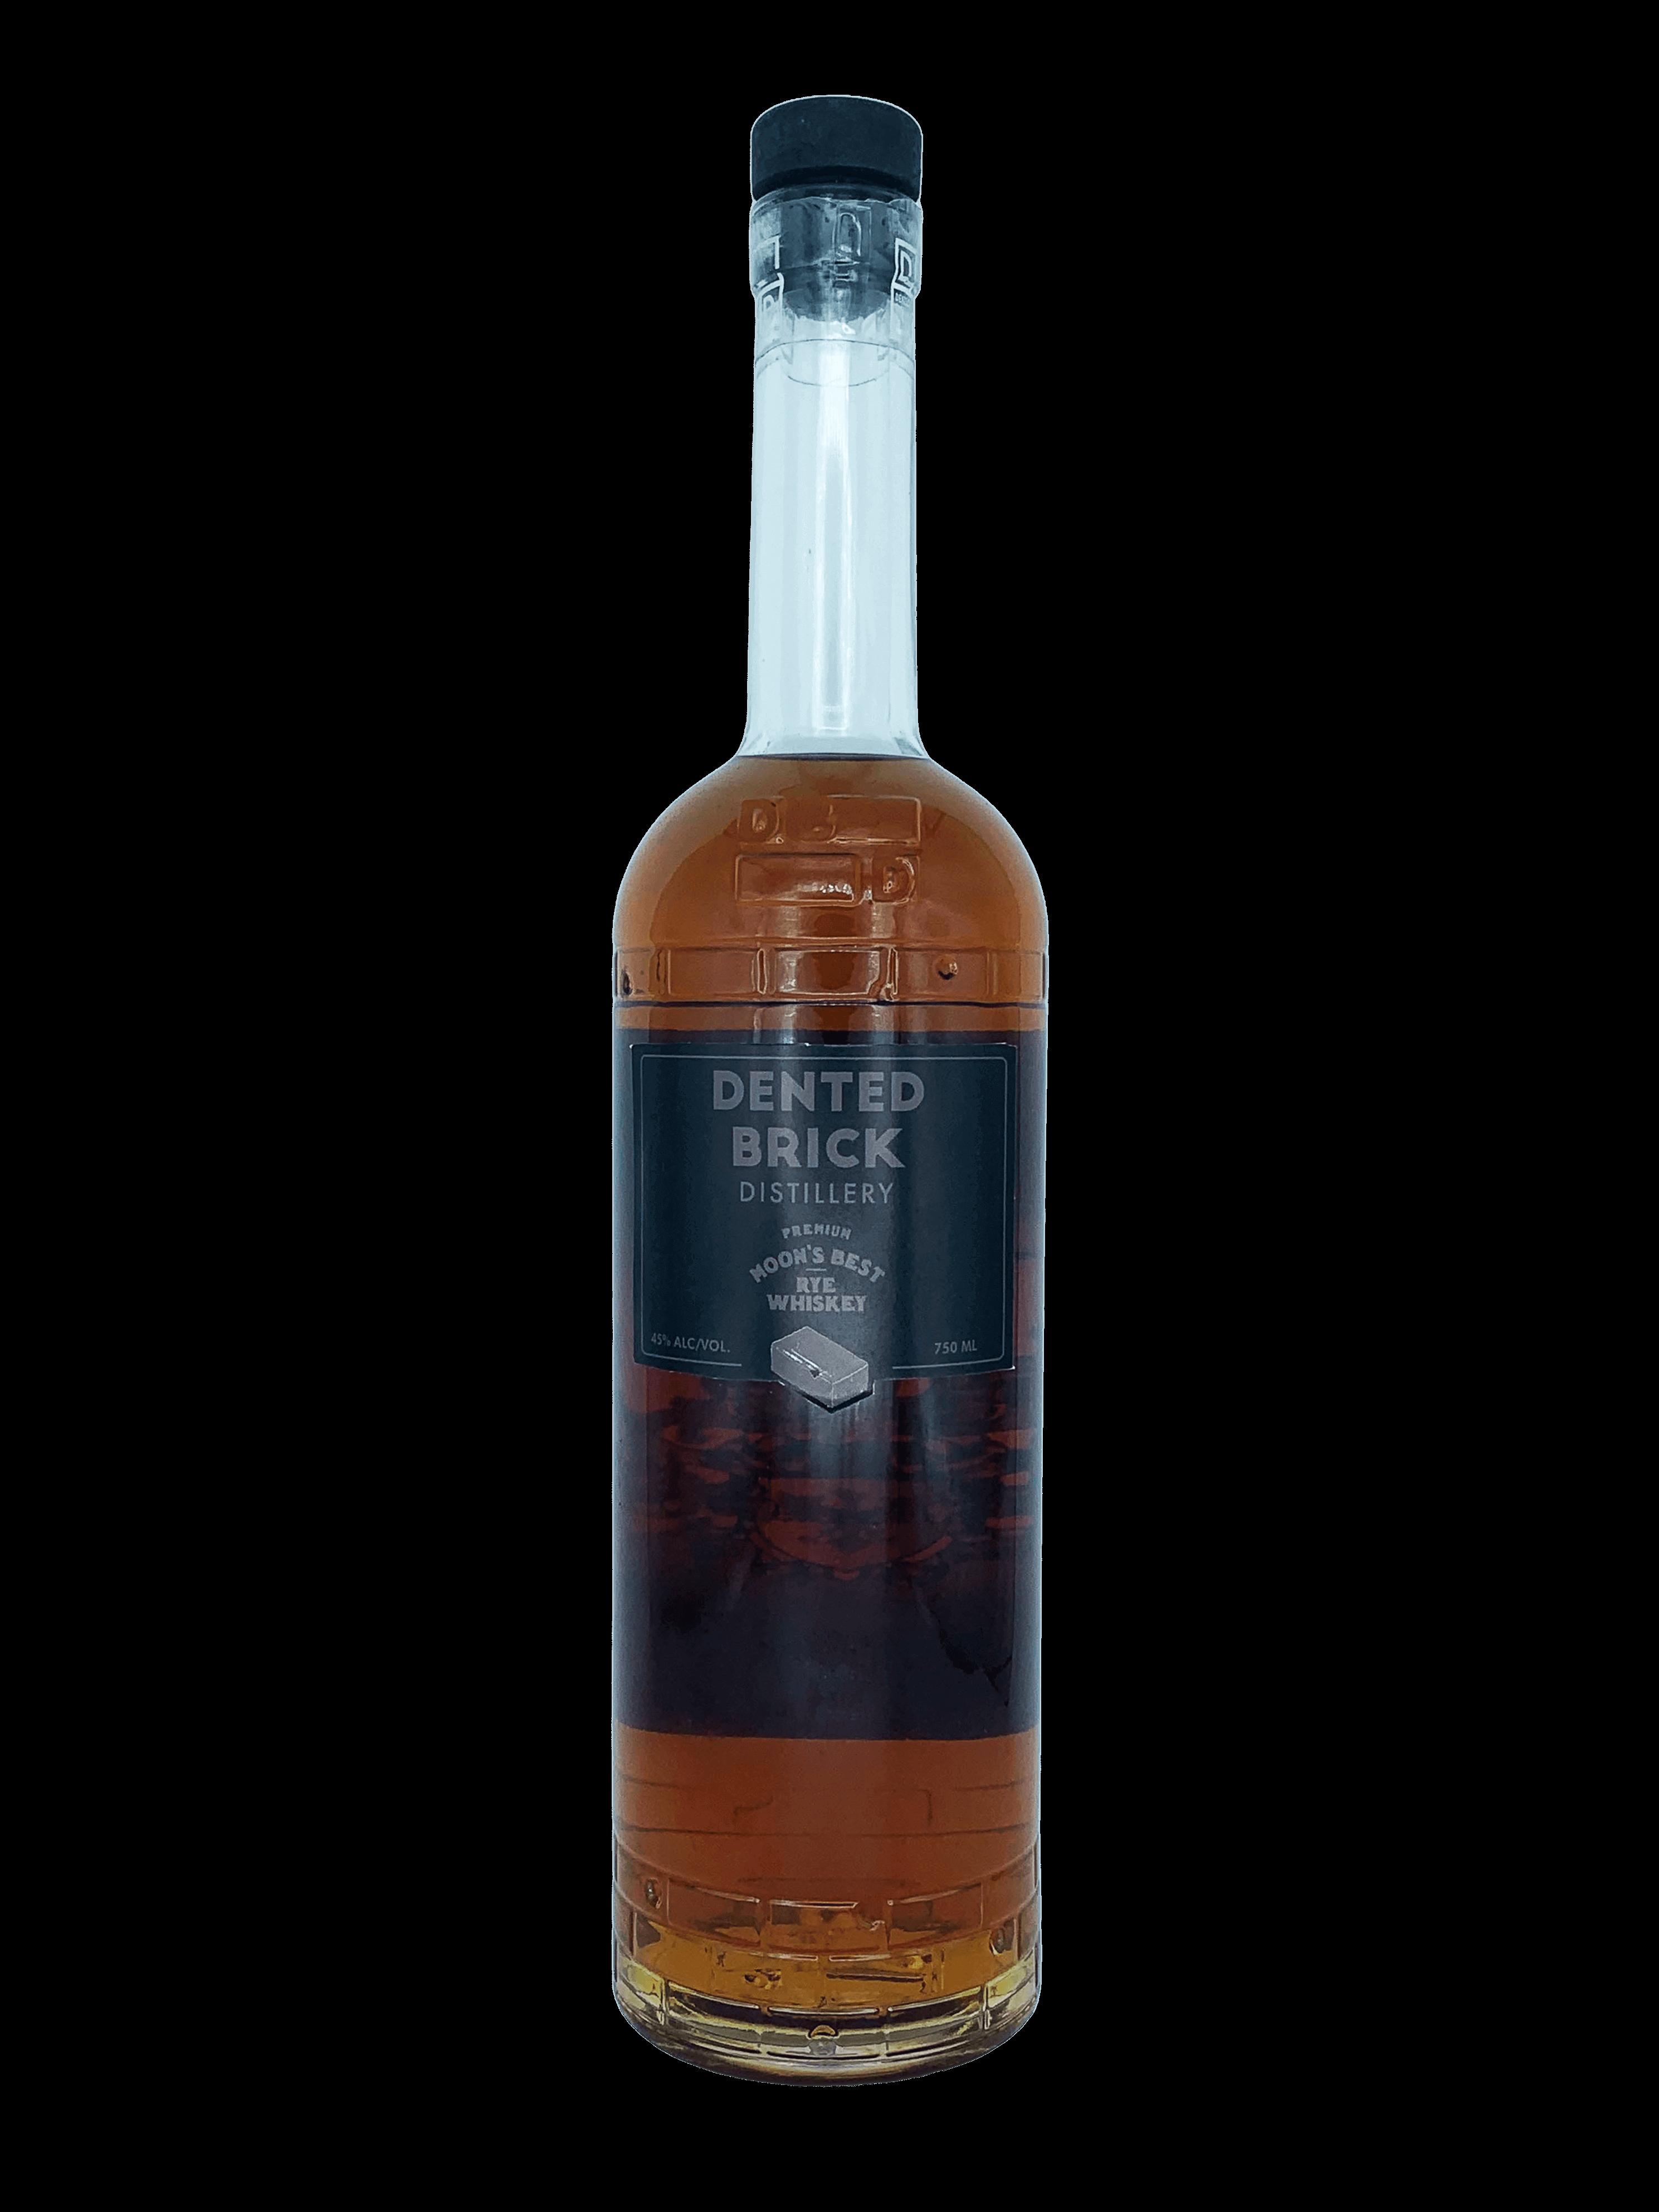 Moon's Best 100% Rye Whiskey